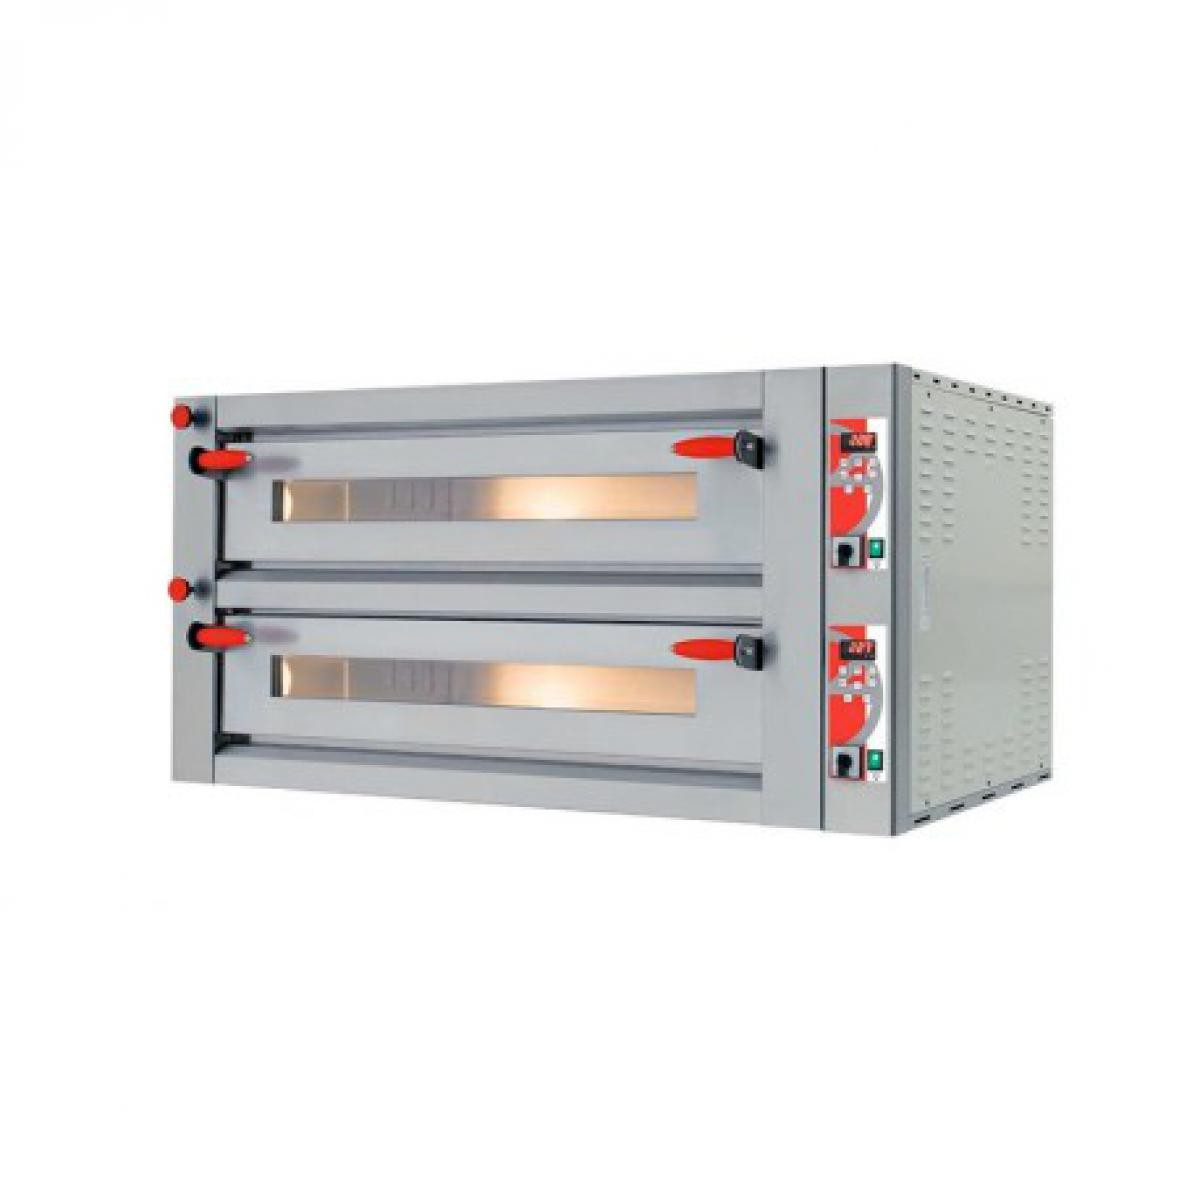 Yarrah Four à pizza électrique double professionnel - Digital 26,64 kW - Pizzagroup -